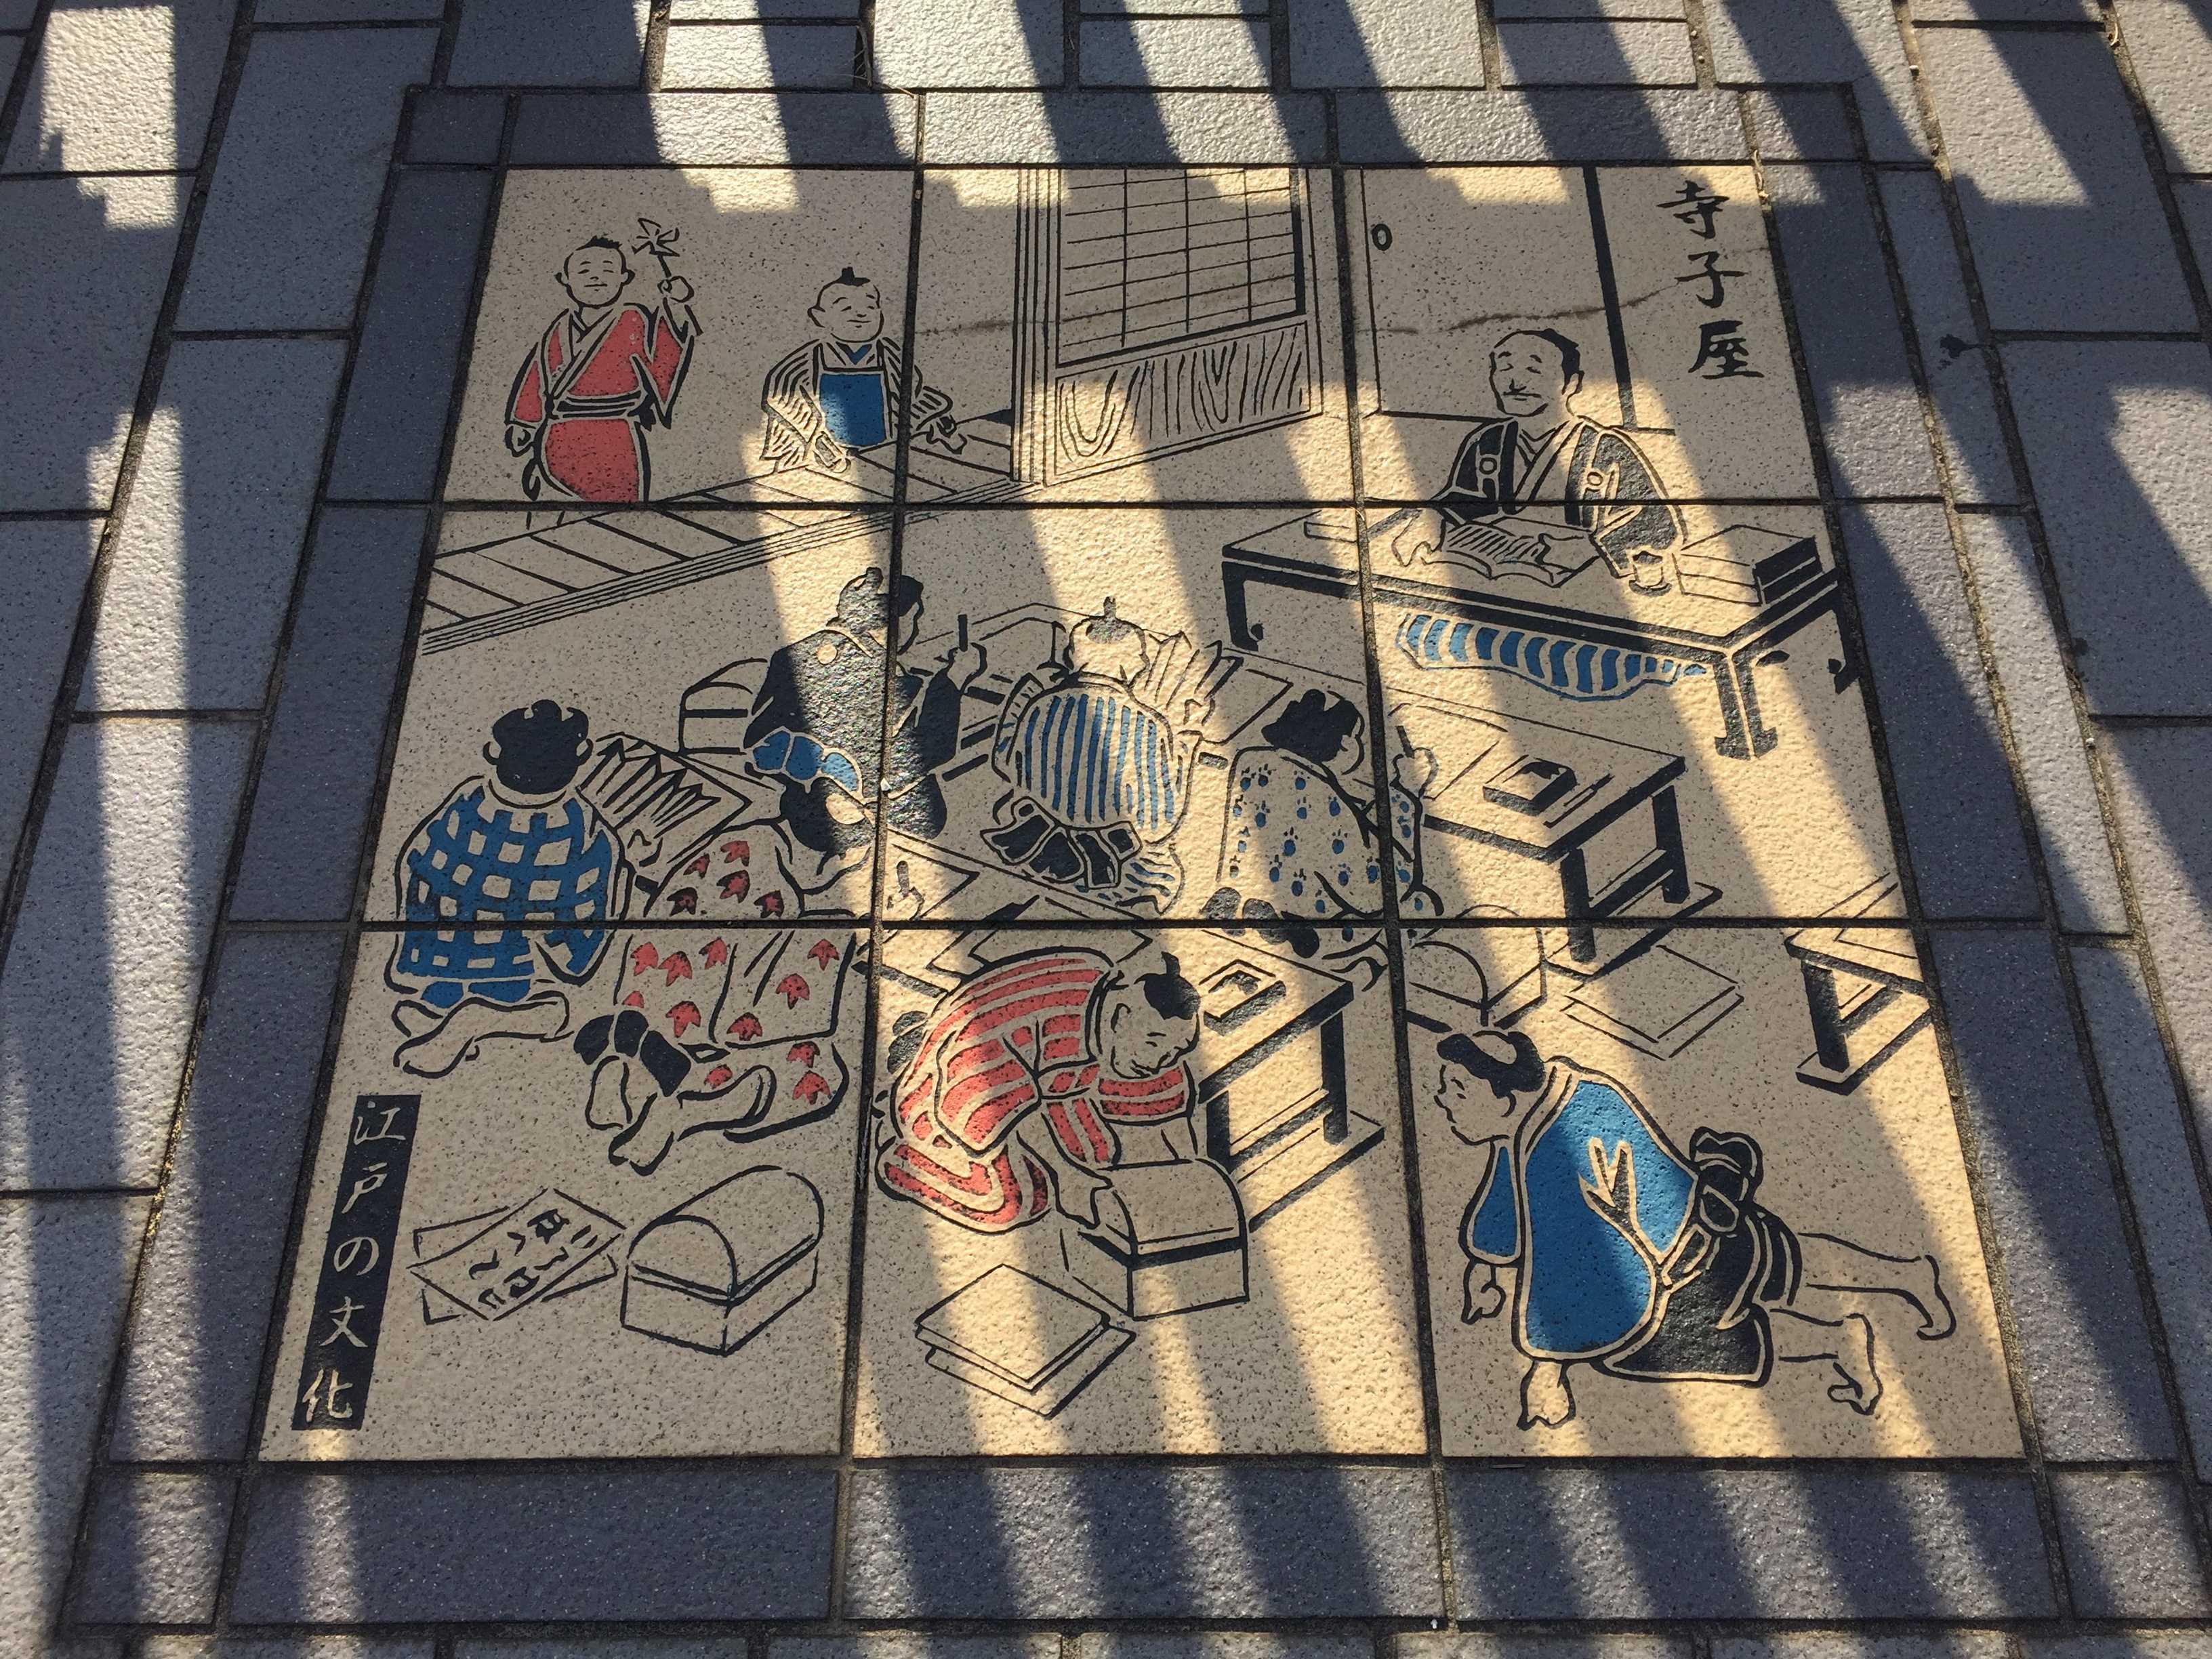 江戸の文化 寺子屋